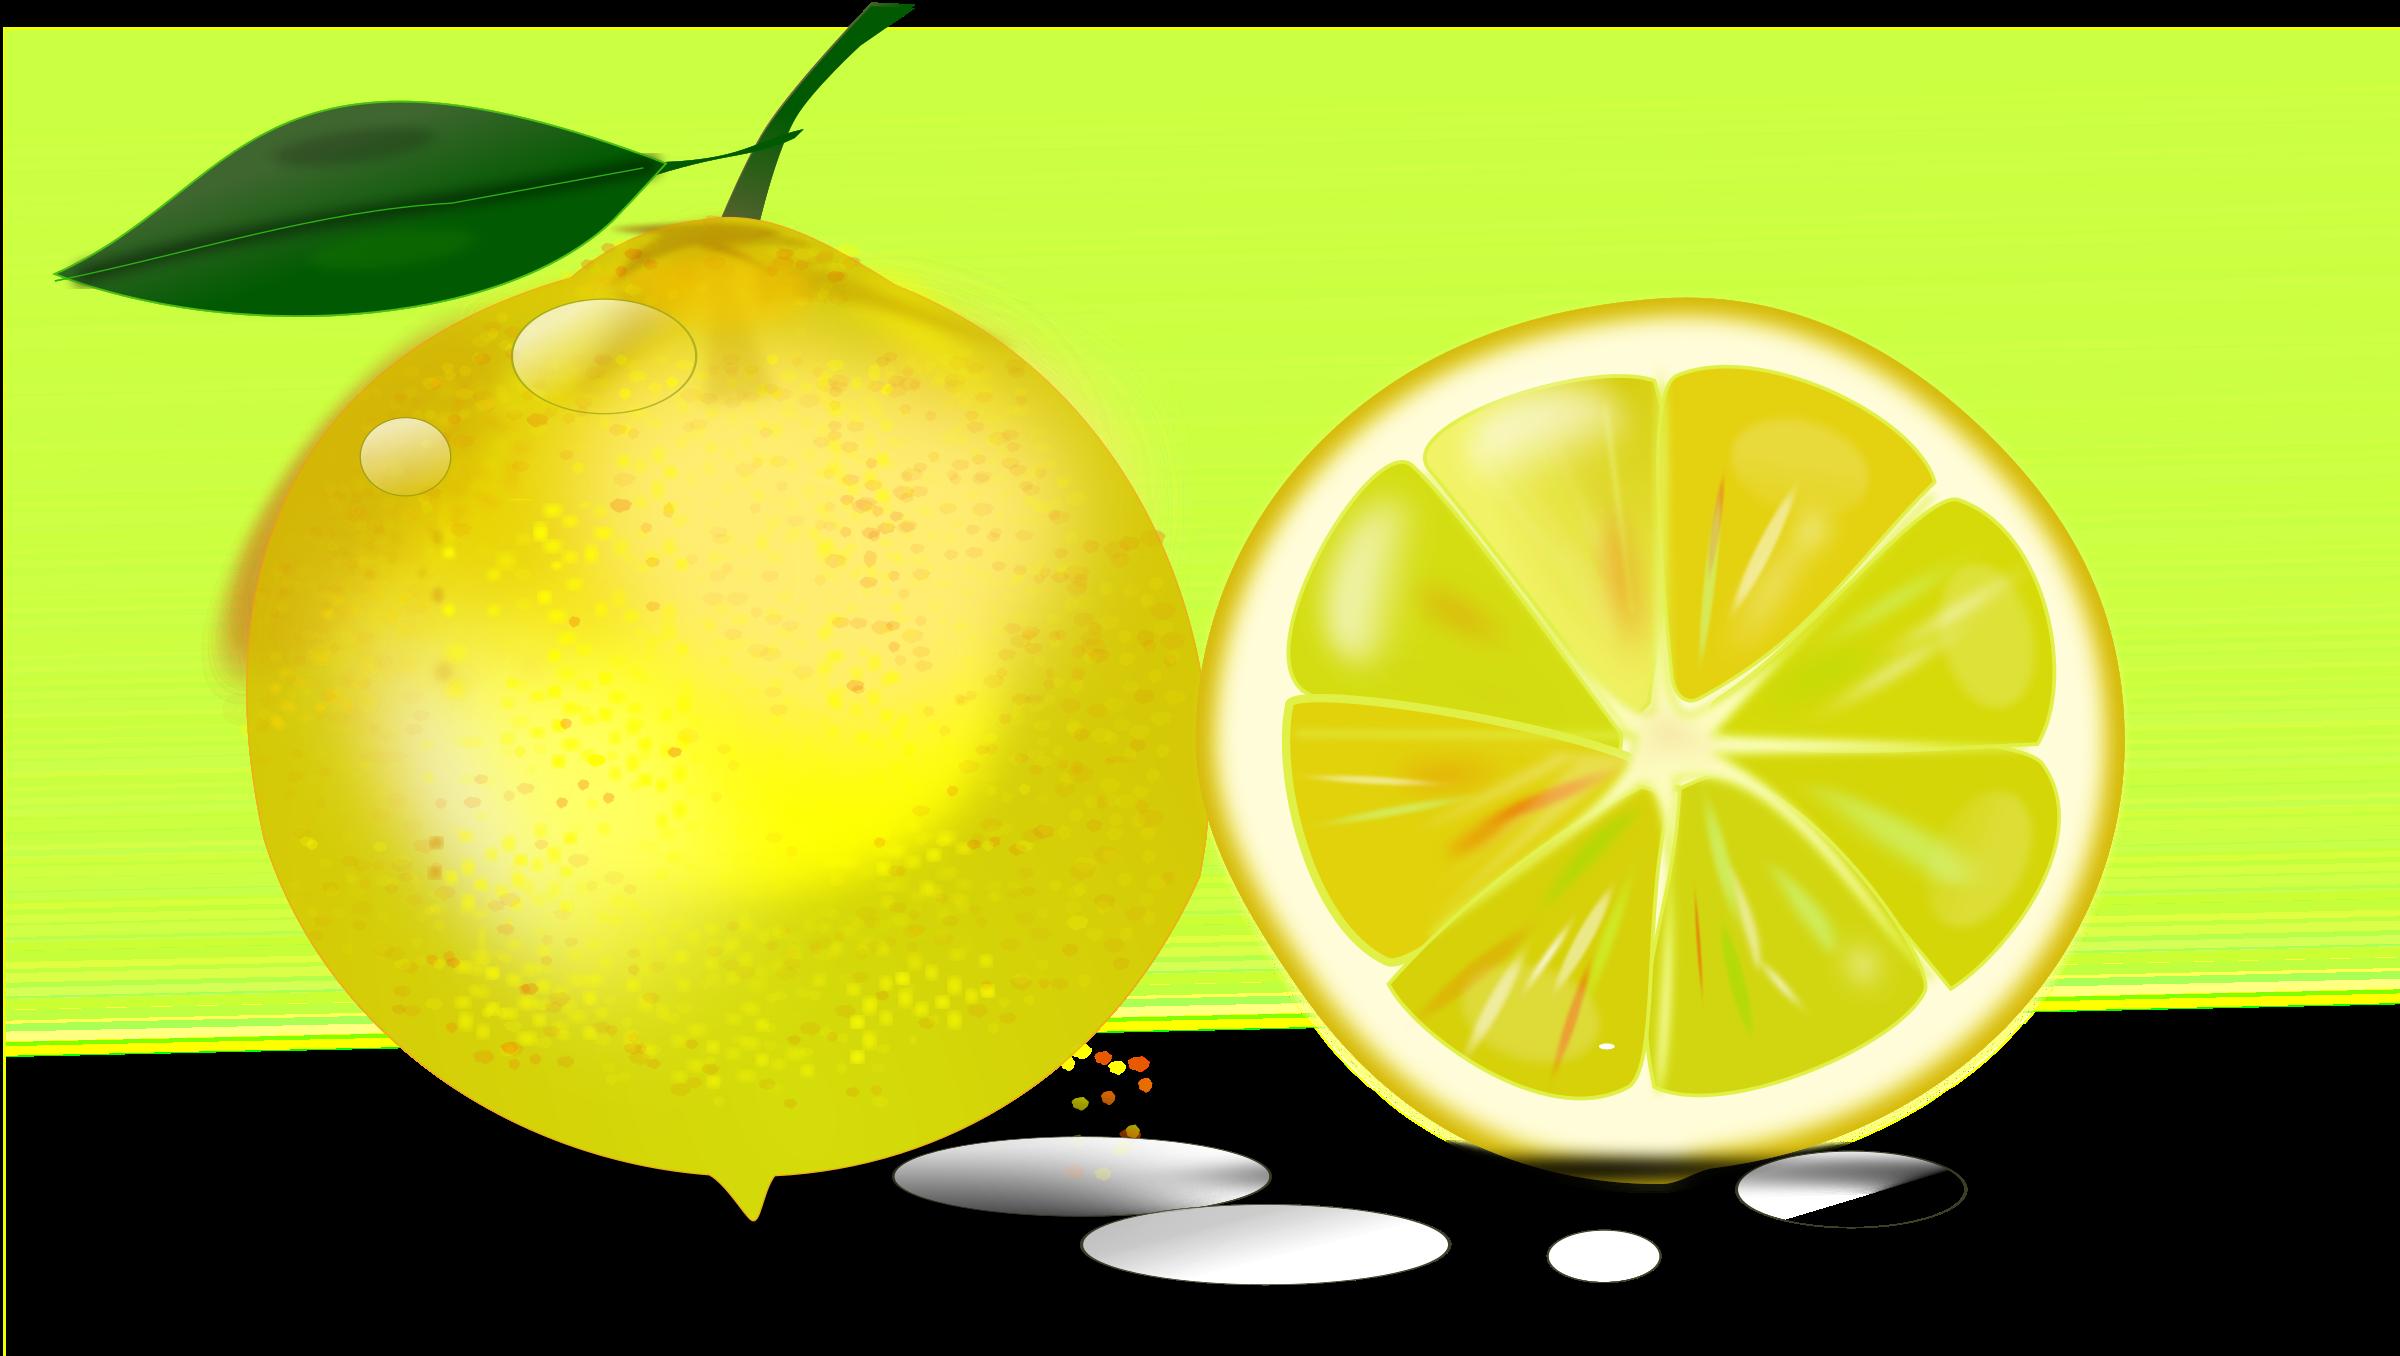 Lemon big image png. Lemons clipart gambar